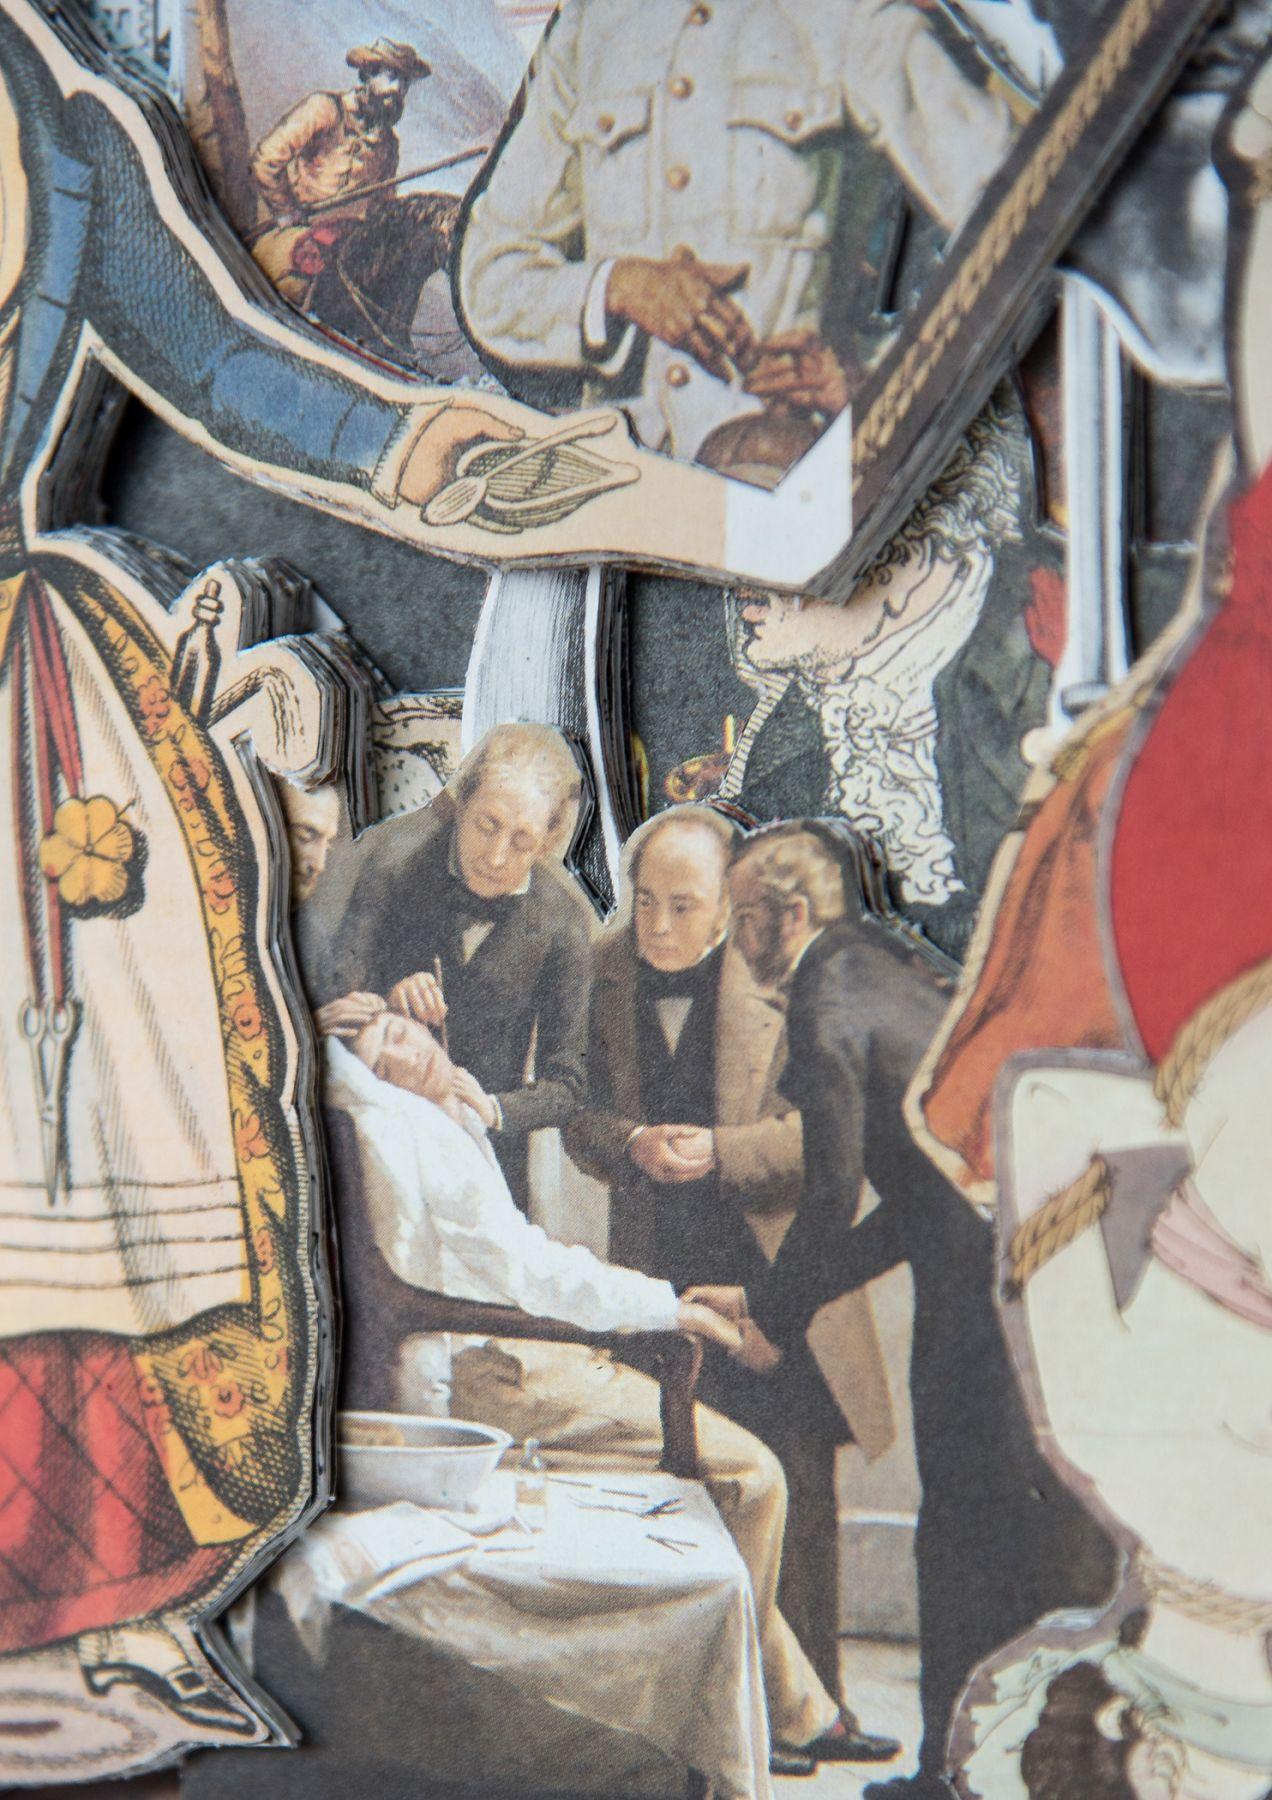 Allen - Medicine detail view 1